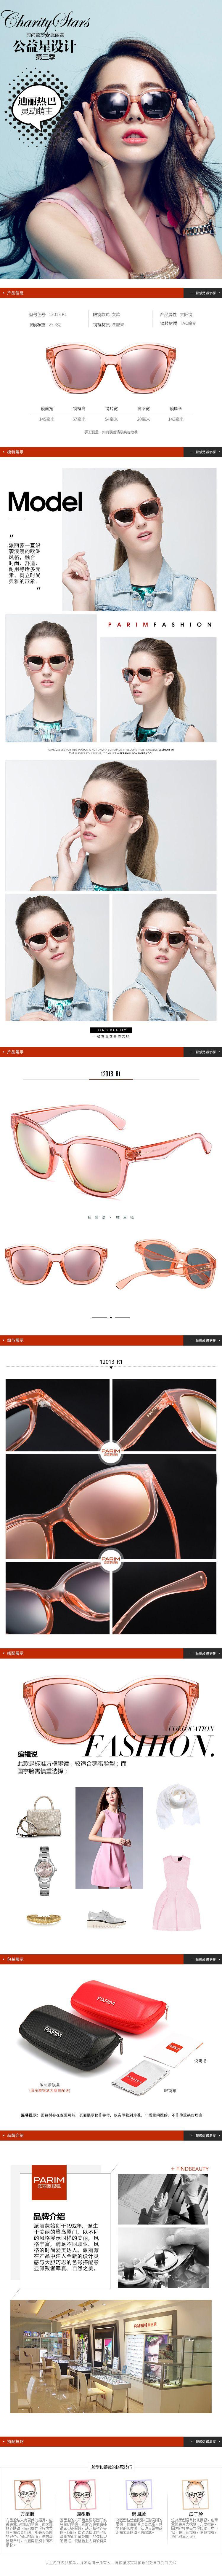 迪丽热巴时尚芭莎公益星设计果冻感3d透明偏光镜